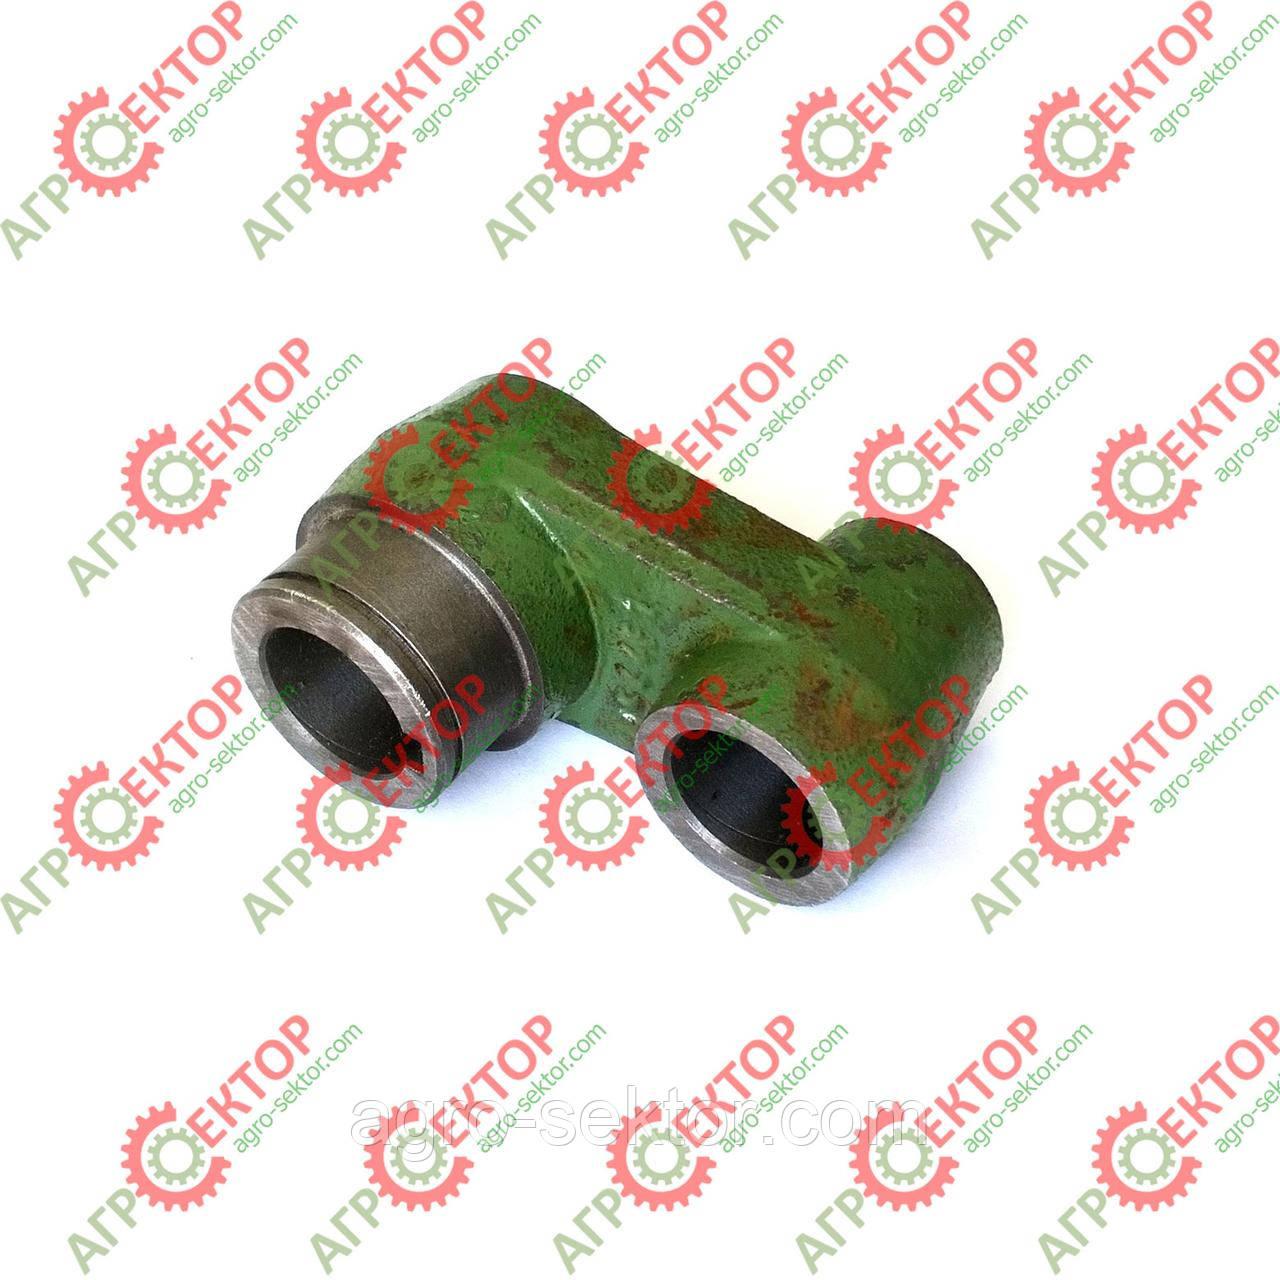 Основа загортача (трещітка великого шківа) роторної косарки Wirax Z-069 5036020170